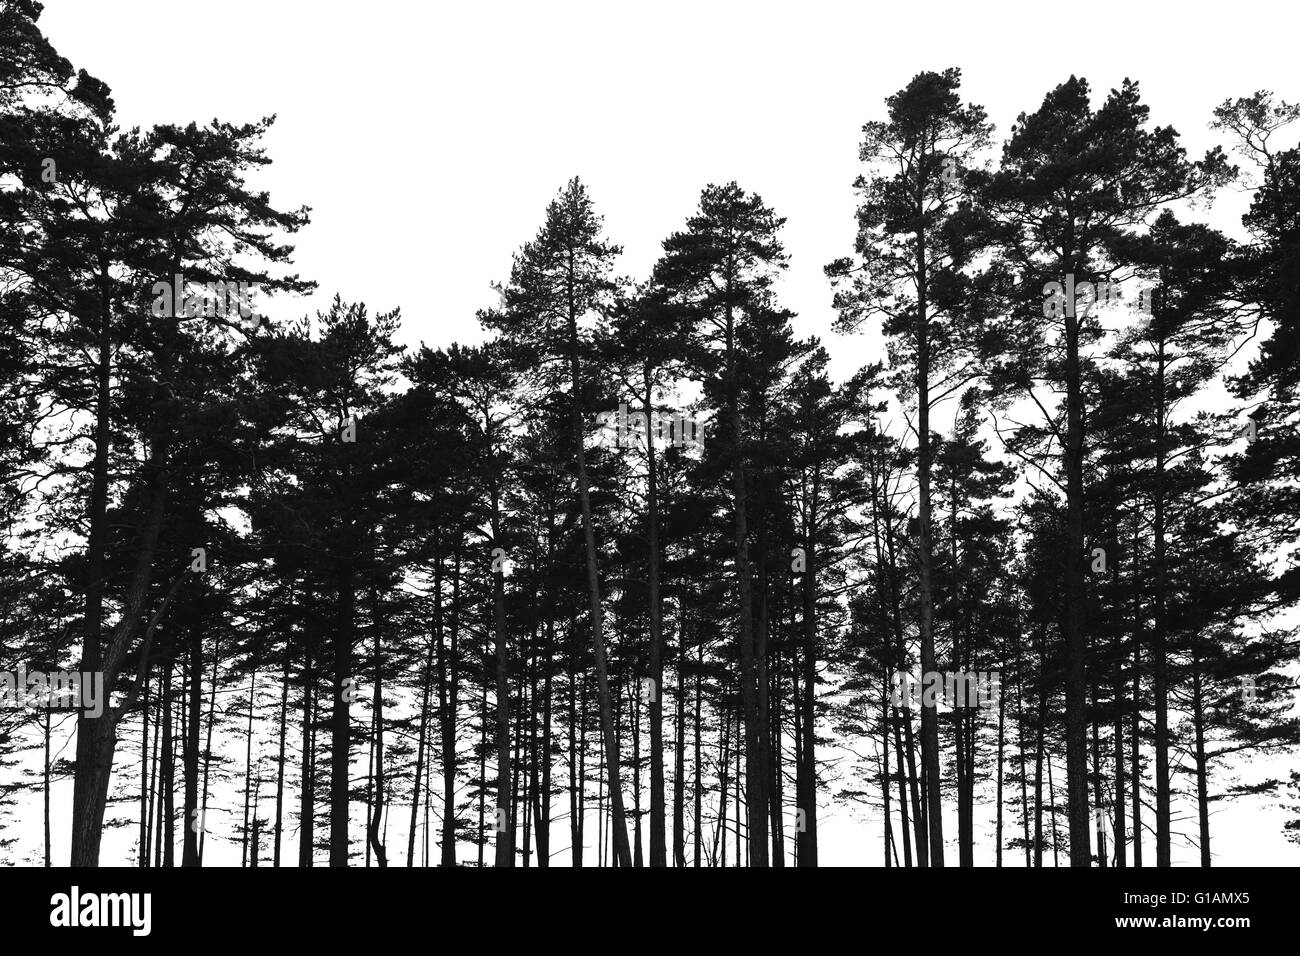 Pinienwald Bäume isoliert auf weißem Hintergrund. Schwarze stilisierte Silhouette Foto Stockbild